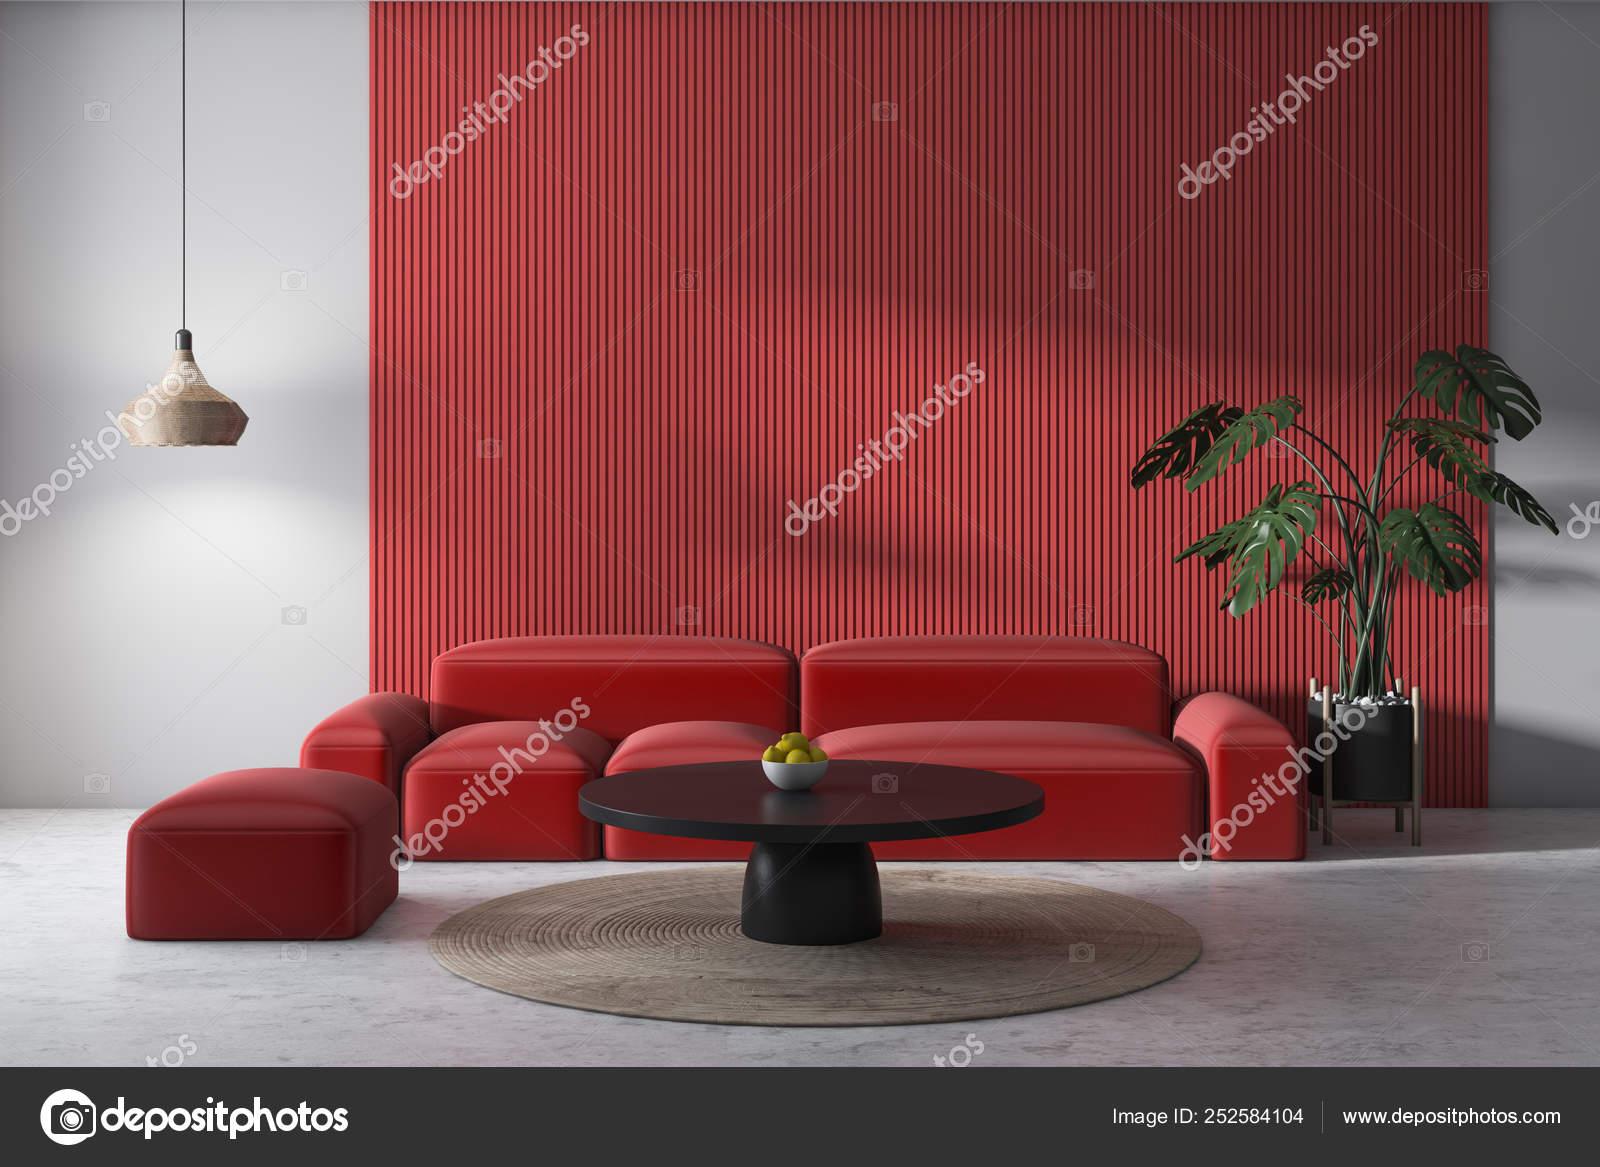 Witte En Grijze Woonkamer Met Rode Sofa Stockfoto Rechtenvrije Foto Door C Denisismagilov 252584104